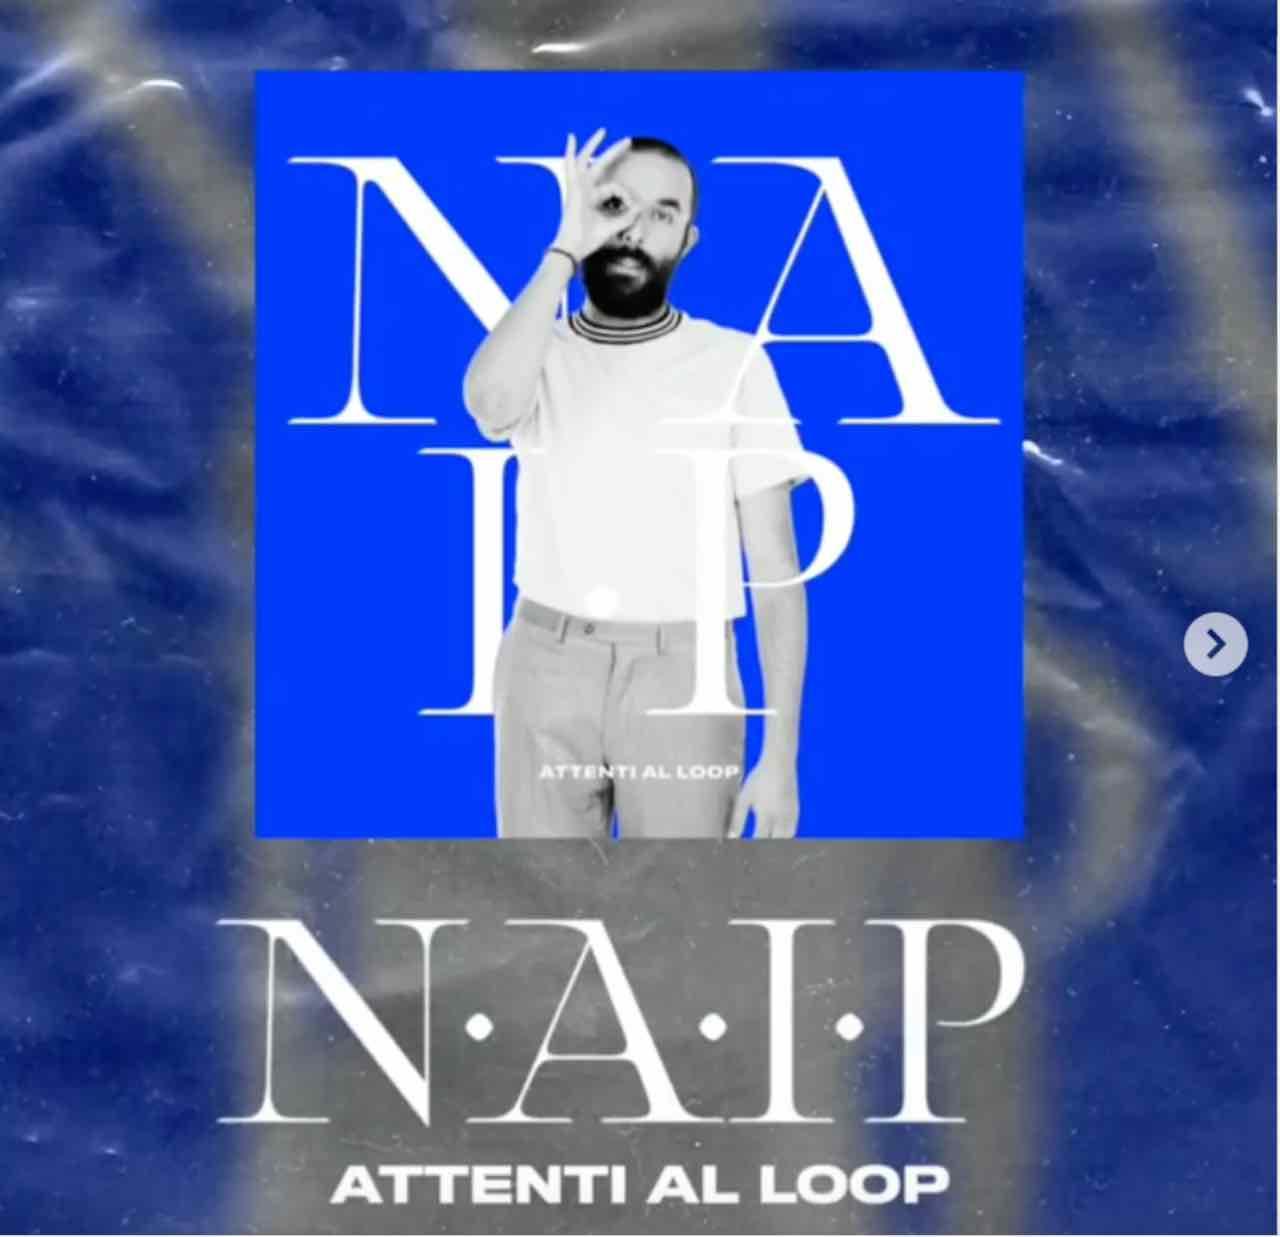 N.A.I.P. attenti al loop